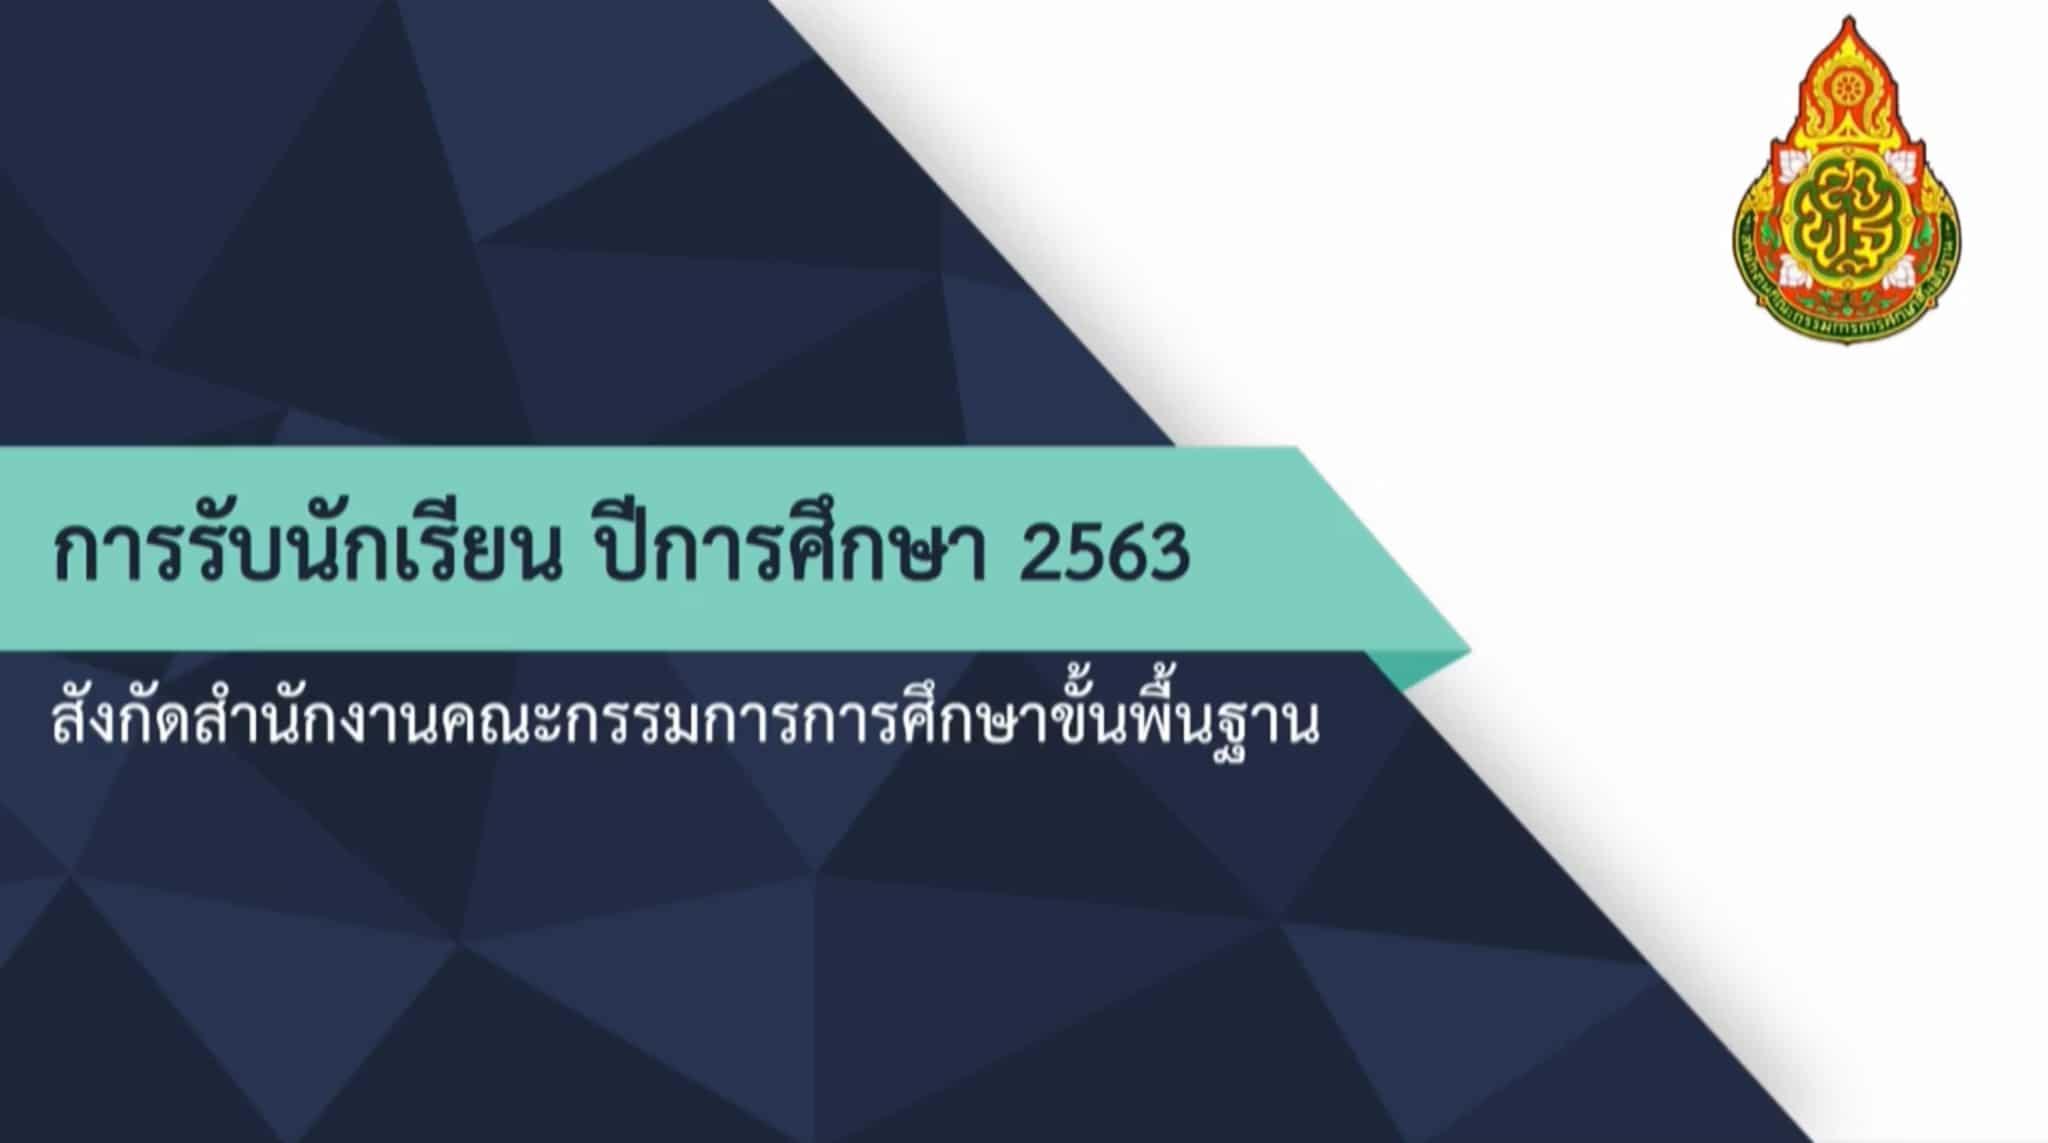 ดูที่นี่ แนวทาง และวิธีการรับนักเรียน ปีการศึกษา 2563 ระบบออนไลน์